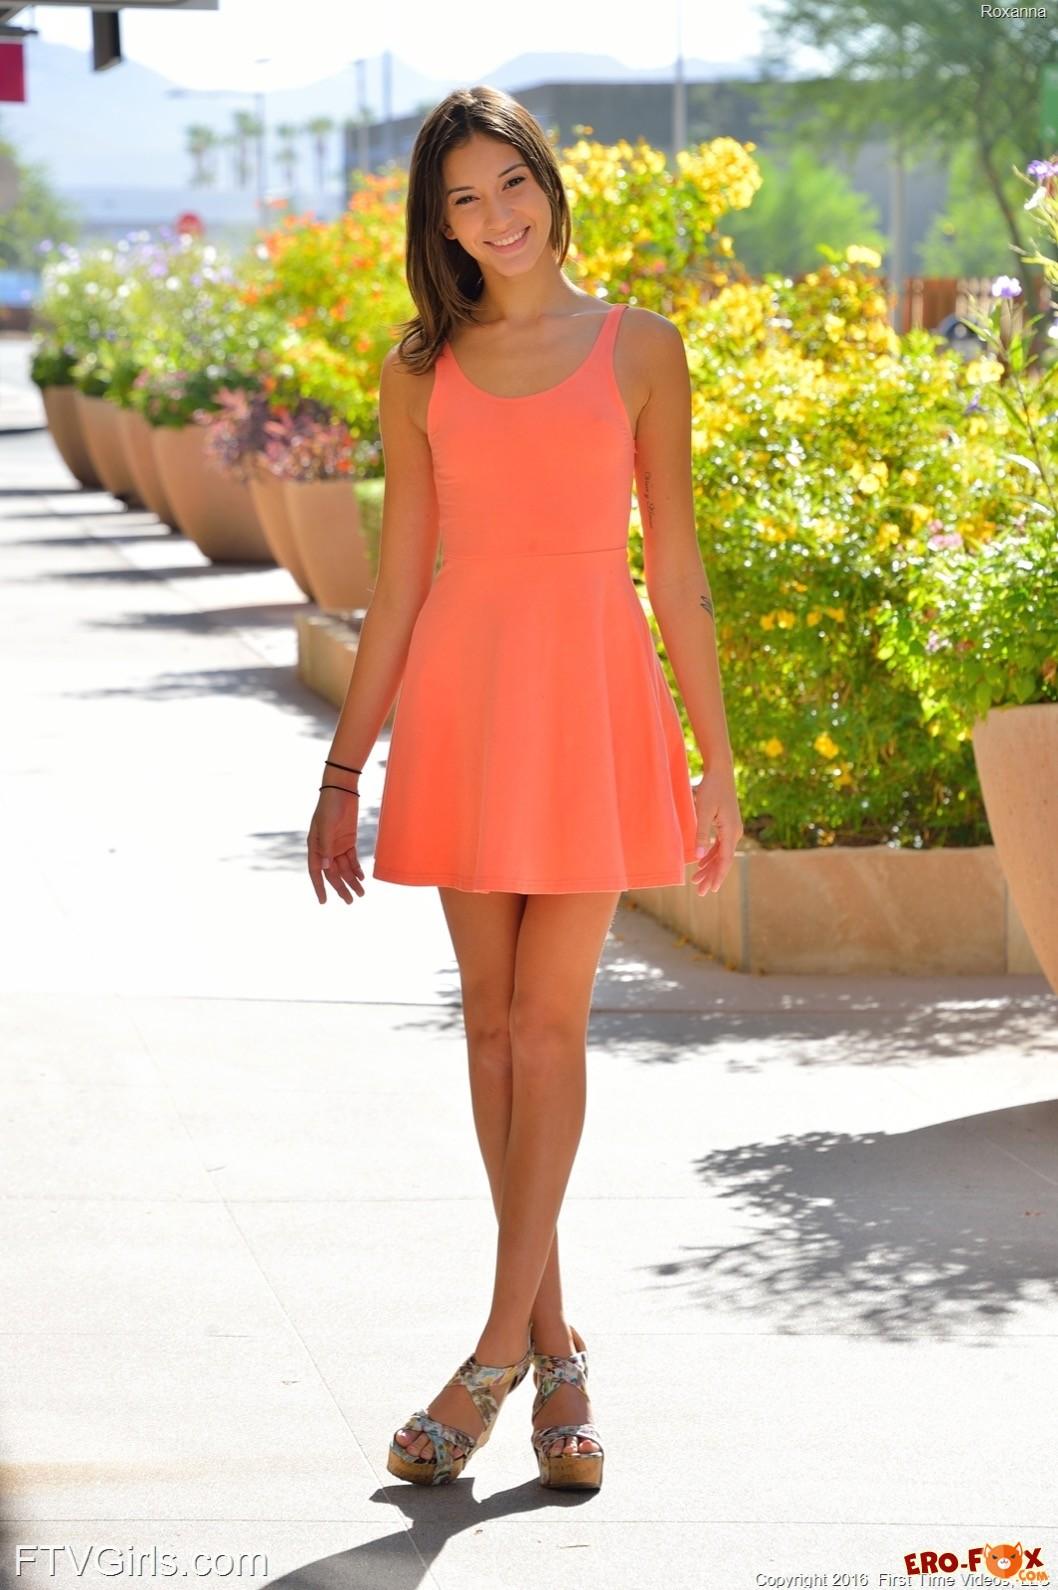 Девушка в платье без трусиков гуляет по городу